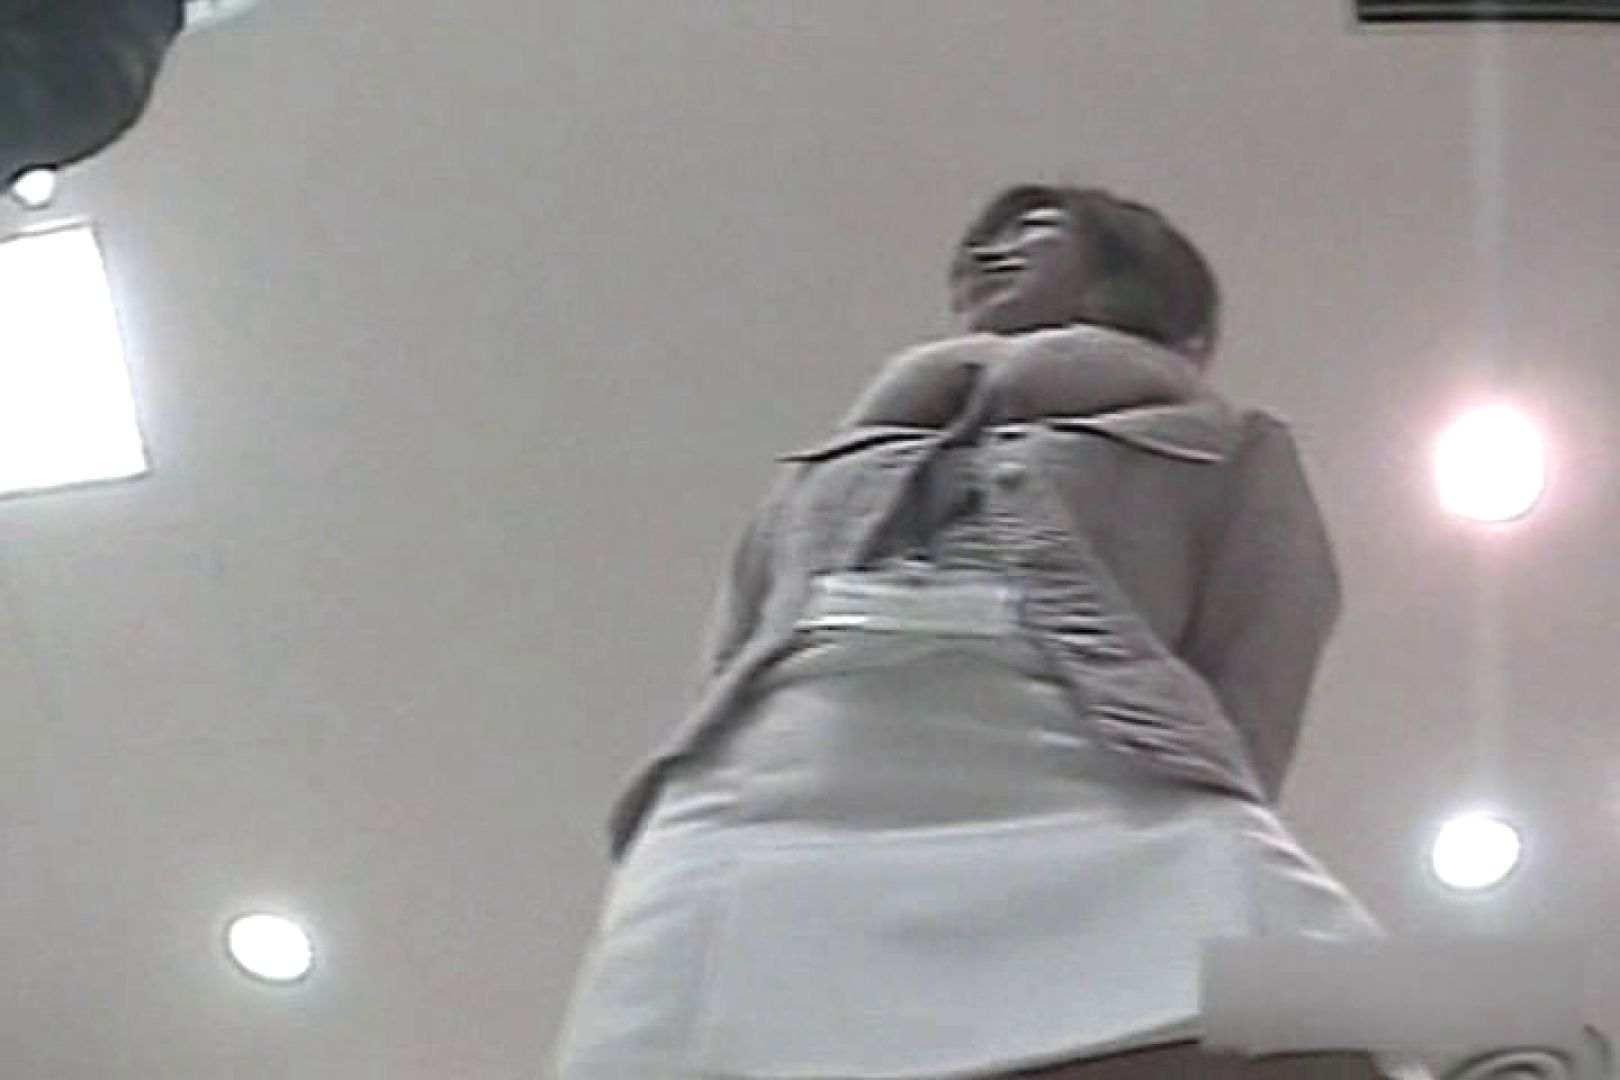 ショップ店員のパンチラアクシデント Vol.15 OLの実態 のぞきエロ無料画像 88pic 62